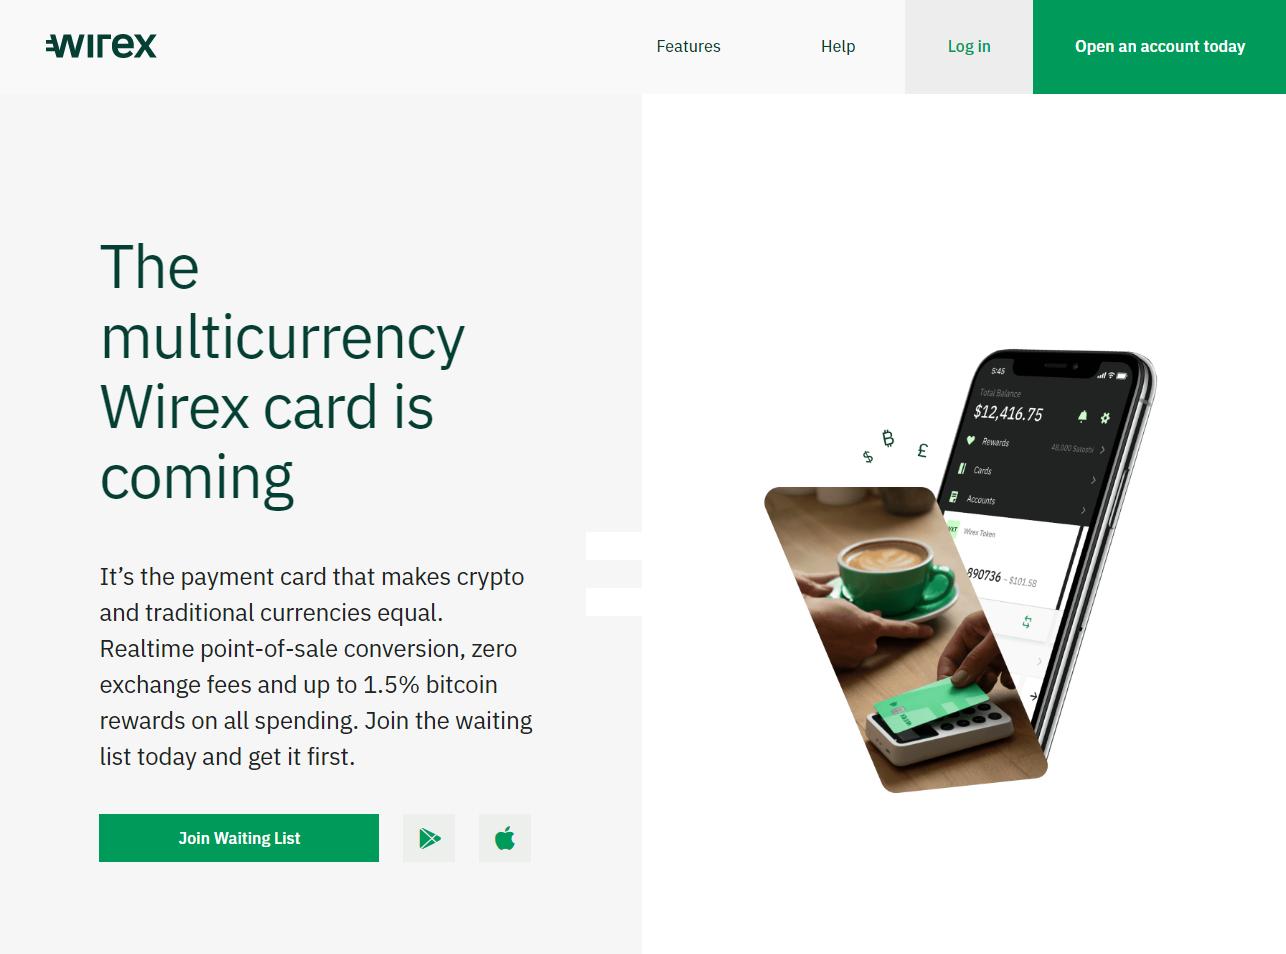 aplikacija za upozorenja o kripto trgovanju mogu li investirati u bitcoin u svojoj iri